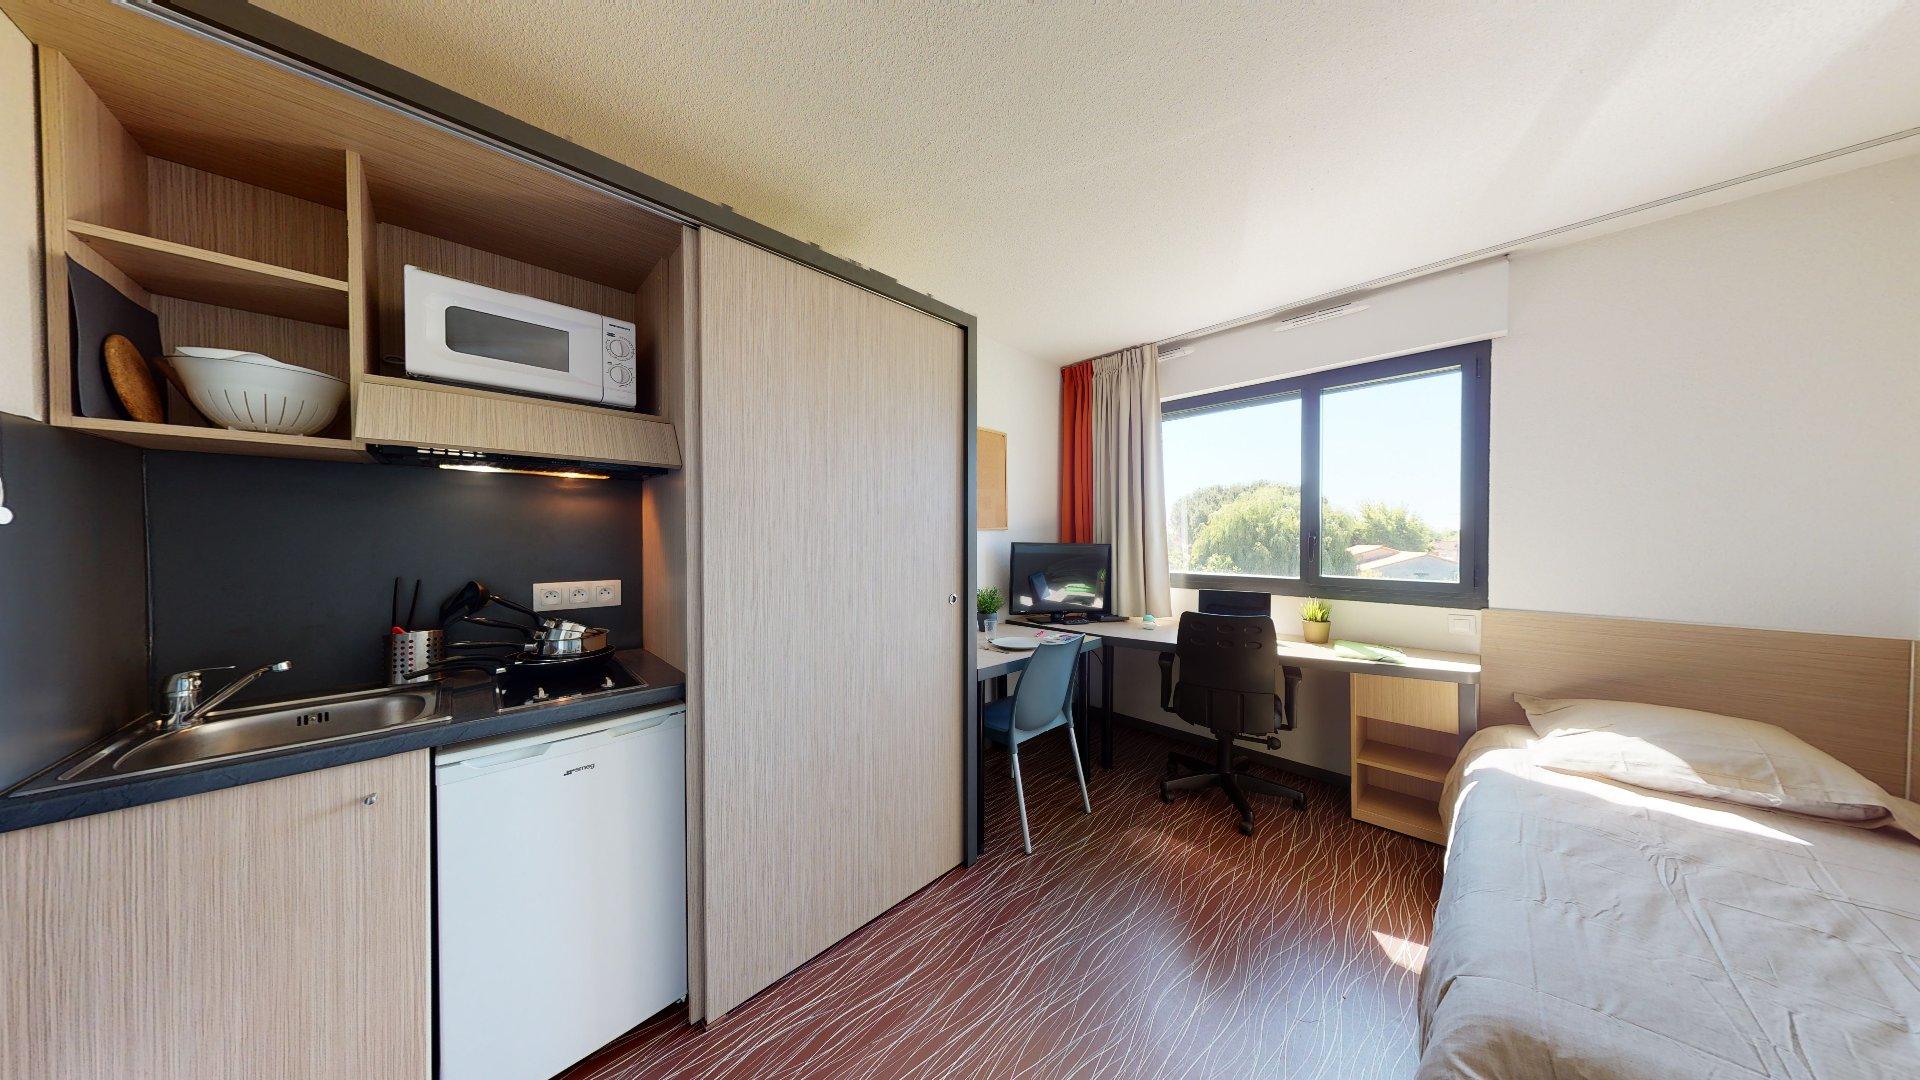 Annonce : Vente Appartement Auzeville-Tolosane (7) 7 m² (7